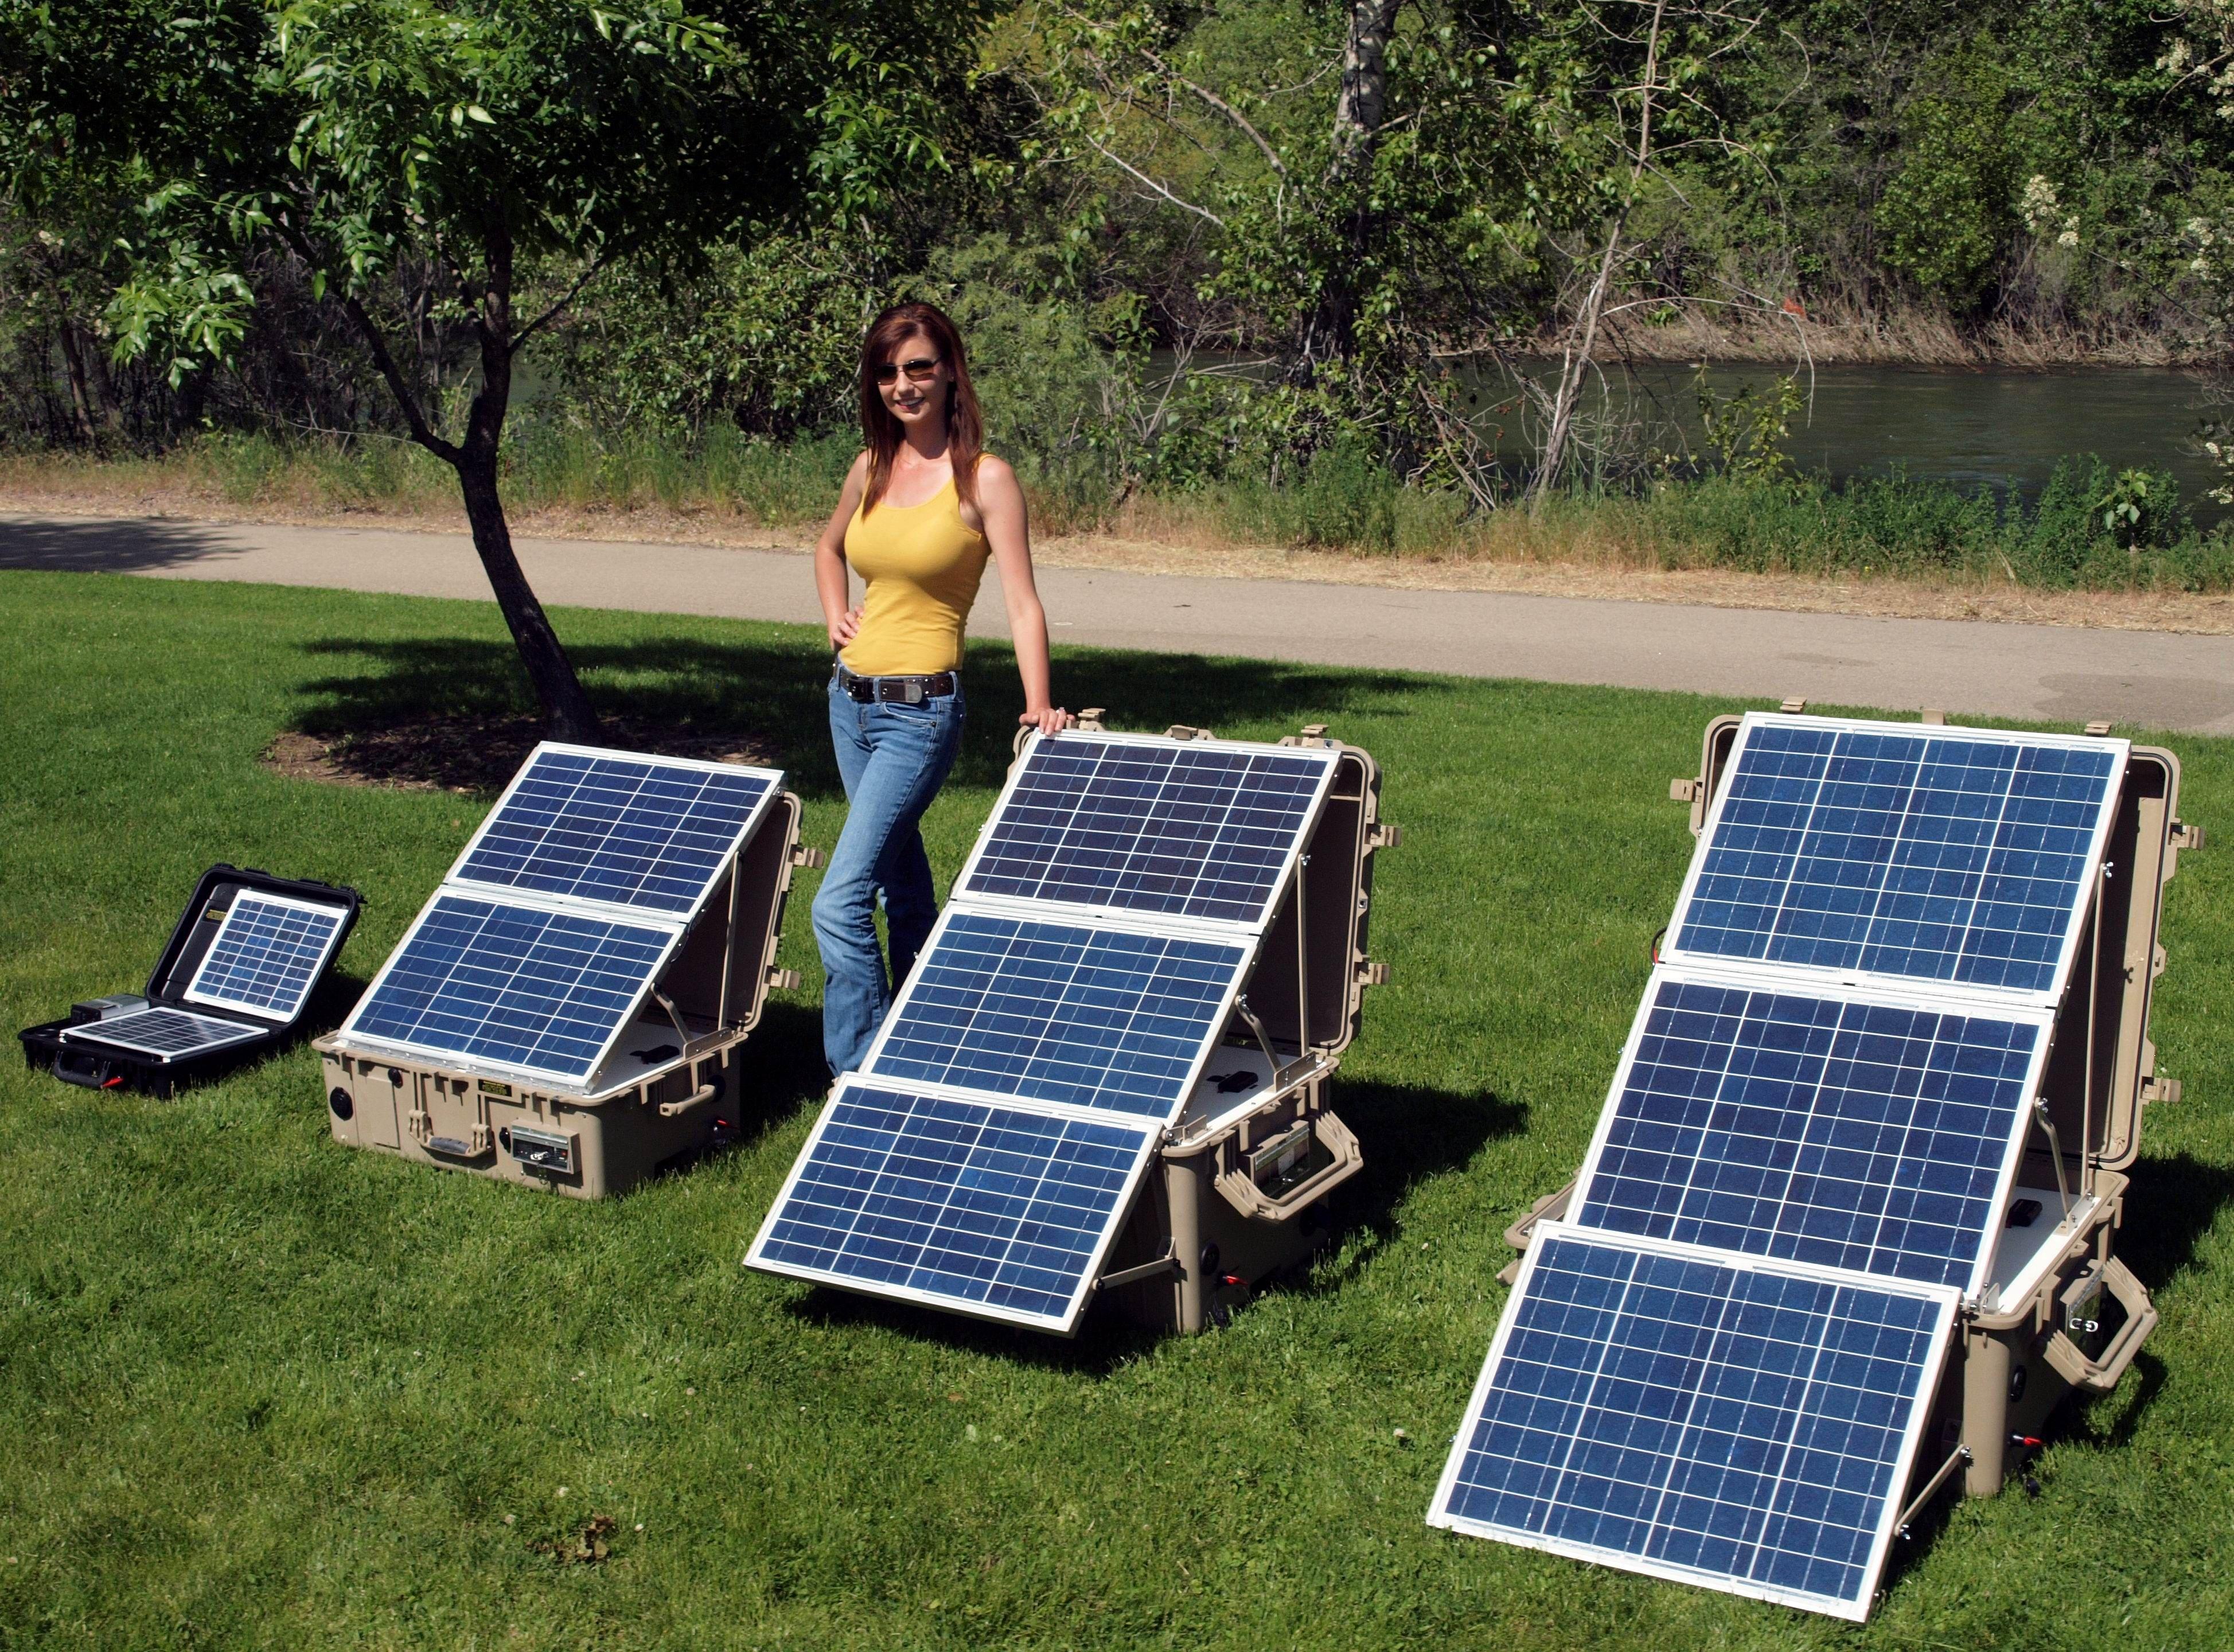 Отзывы владельцев о солнечных батареях для дома - обзор. жми!